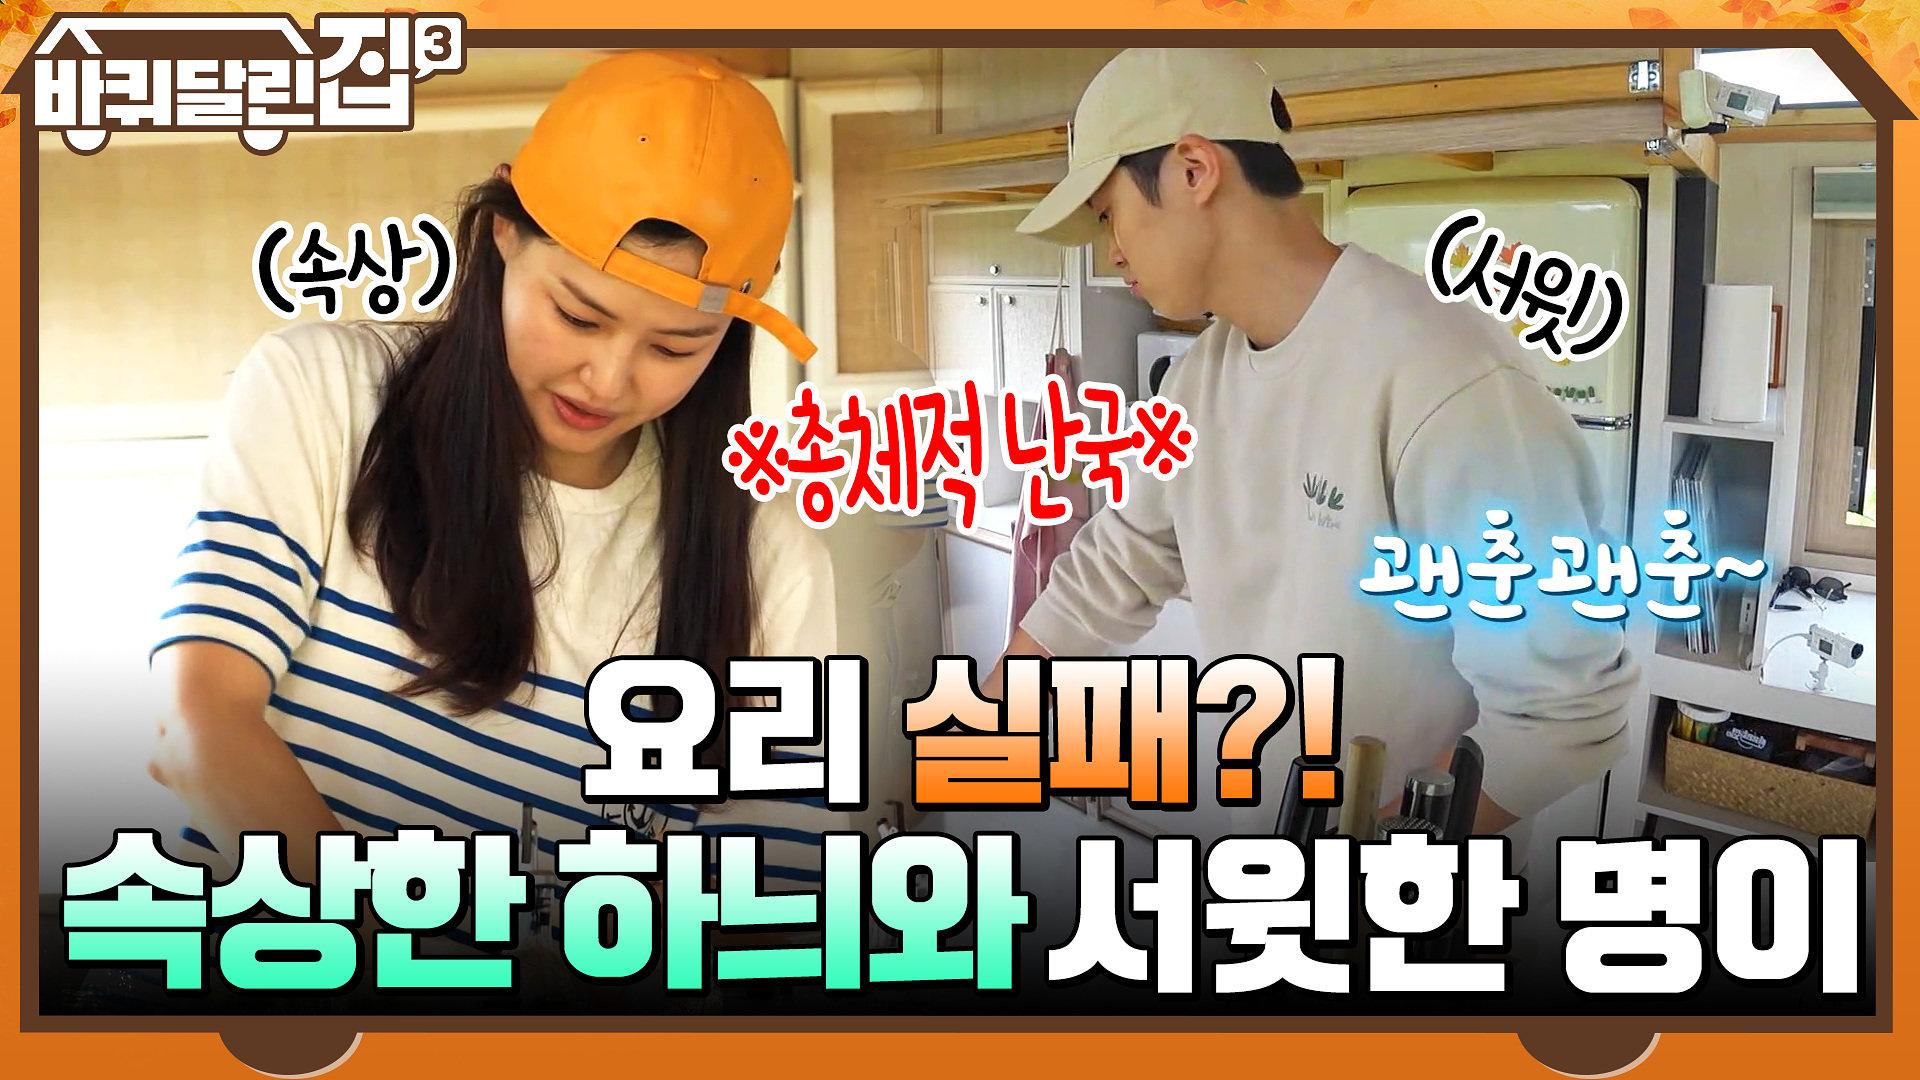 (총체적 난국) 요리는 감대로~! 하다가 짜진 하늬의 참나물 무침 괜찮을까..?   tvN 211021 방송